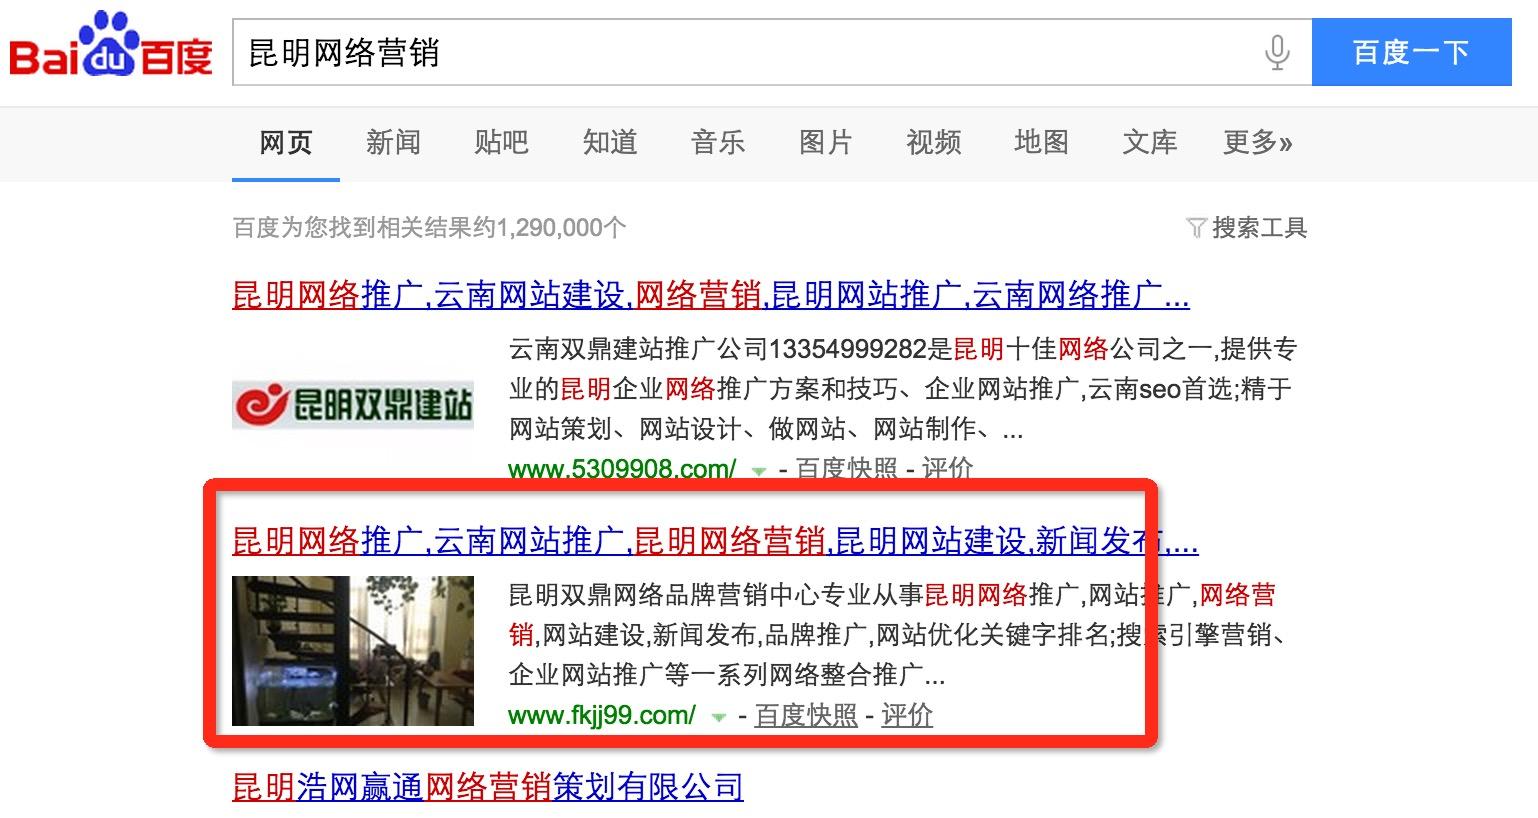 深圳网络推广公司分离富海老代理网站2年多了一直没有掉过